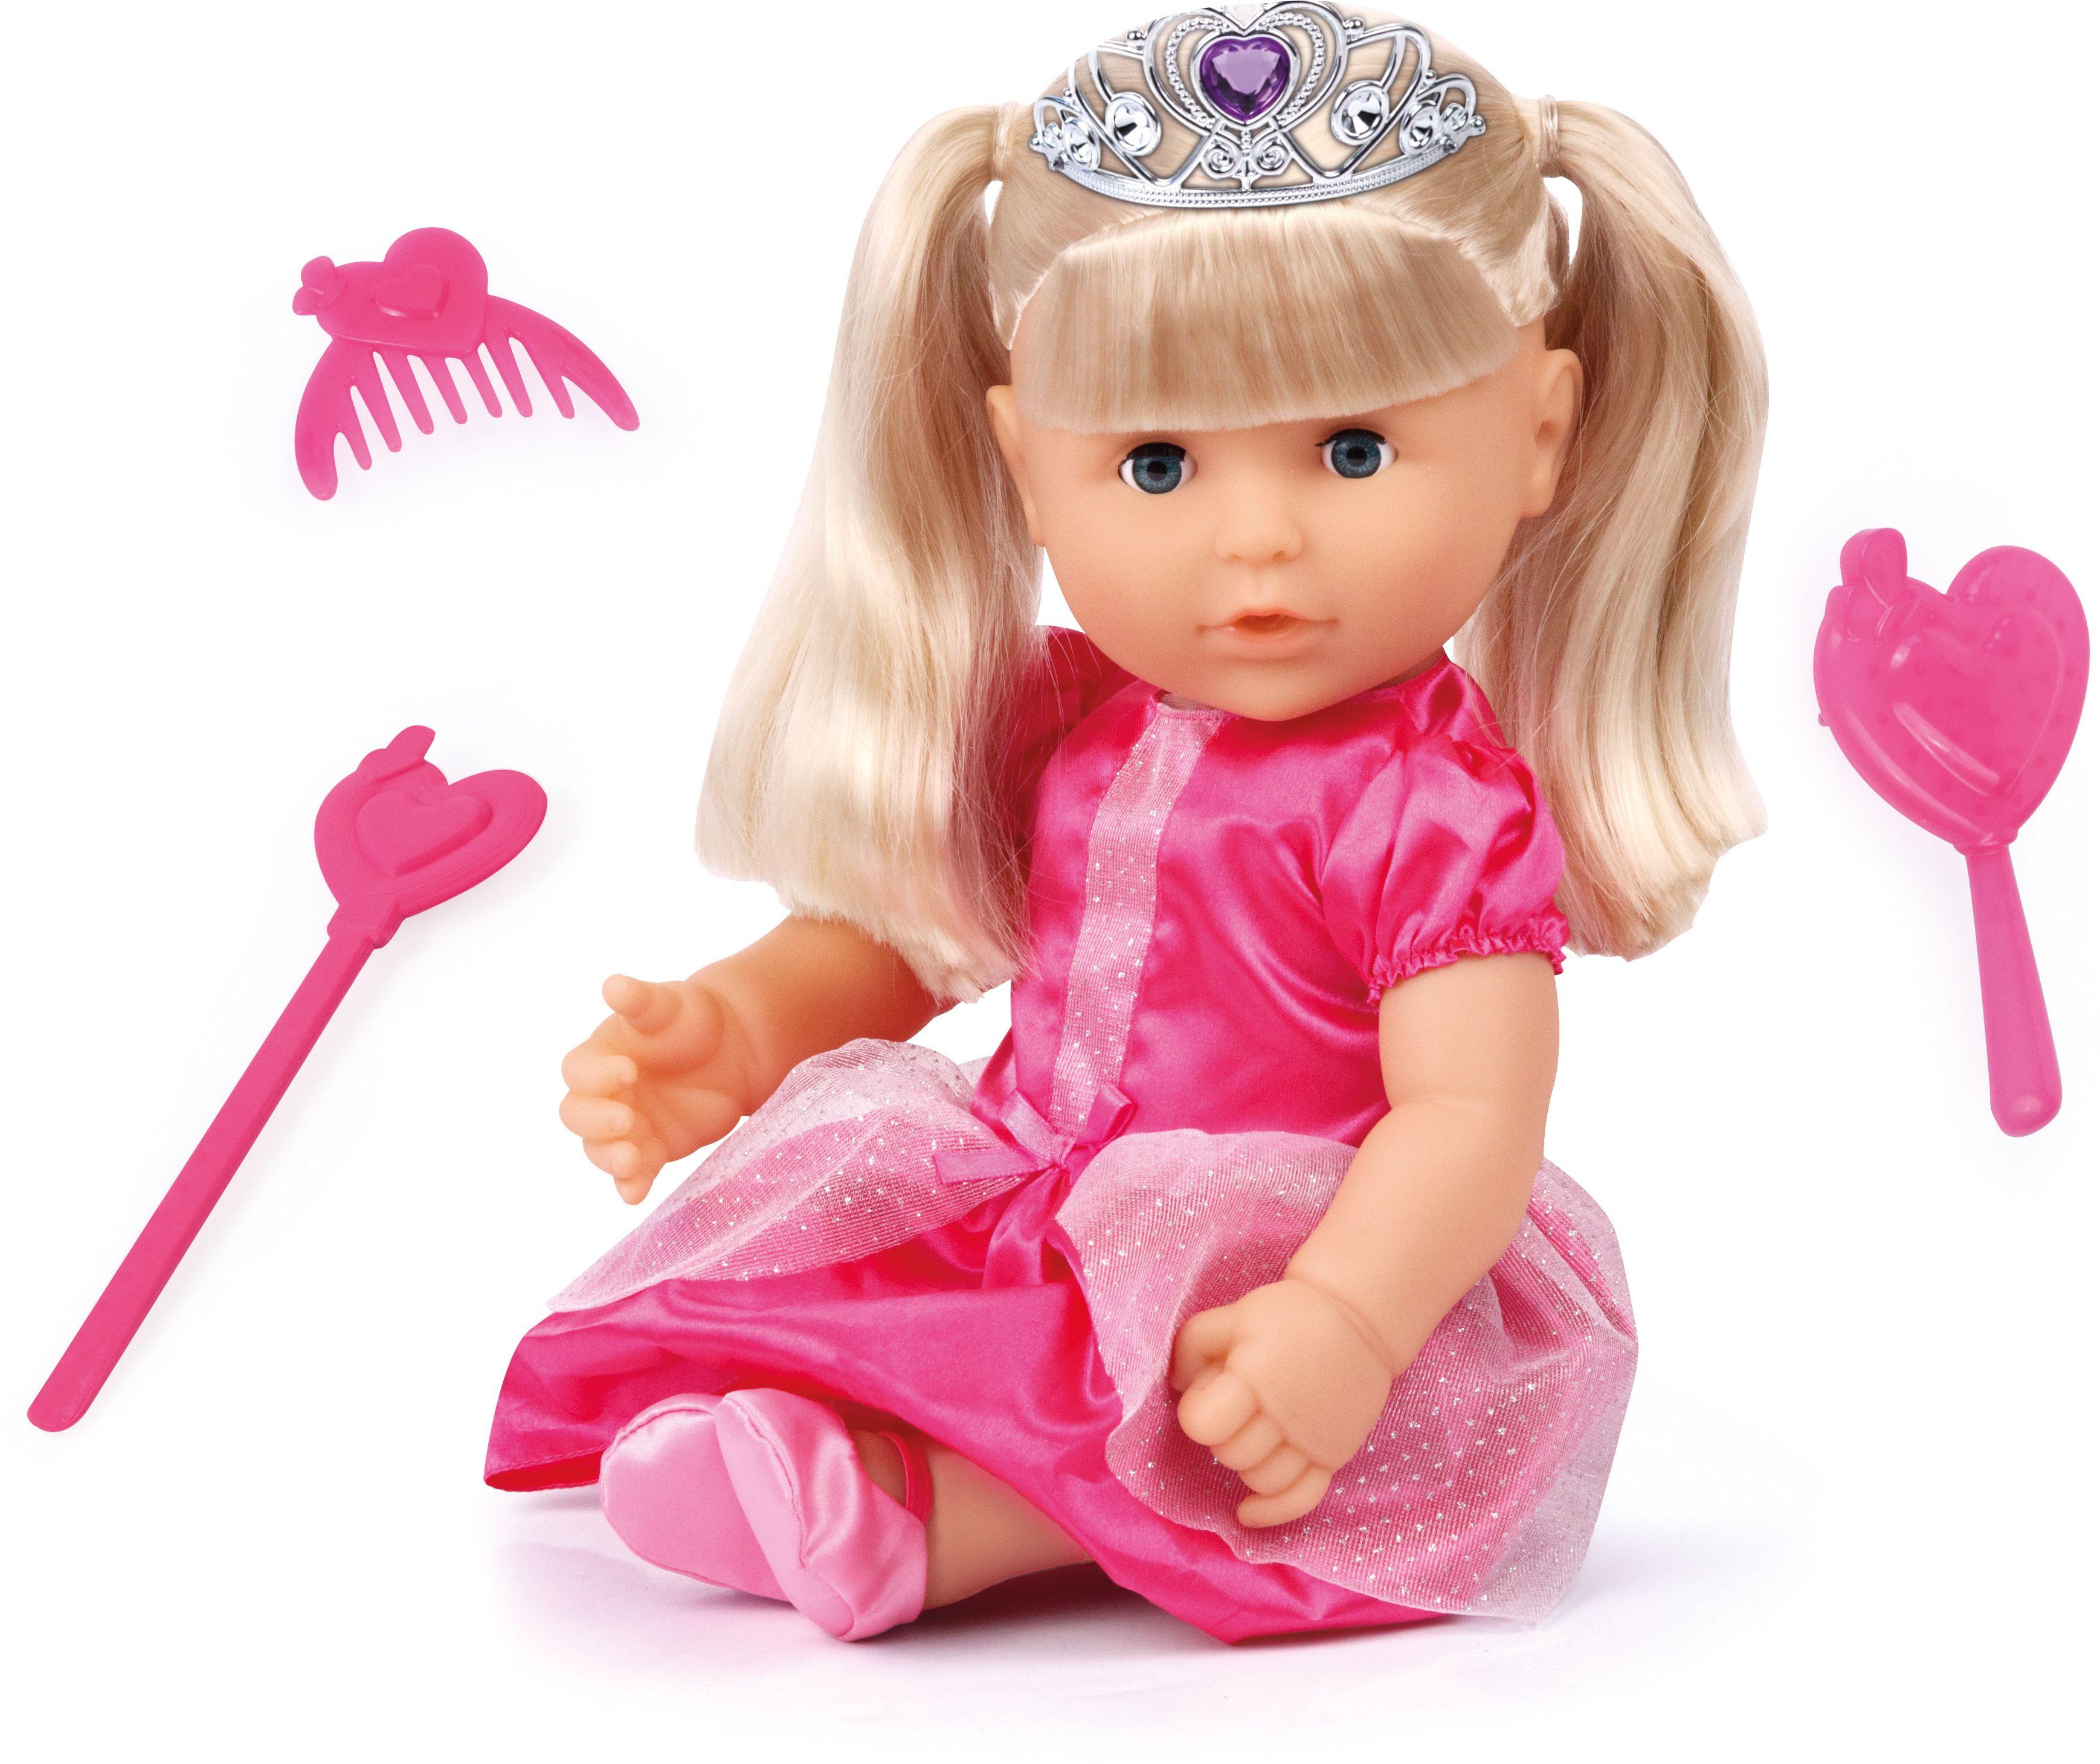 только показать какие есть куклы картинкой является универсальной